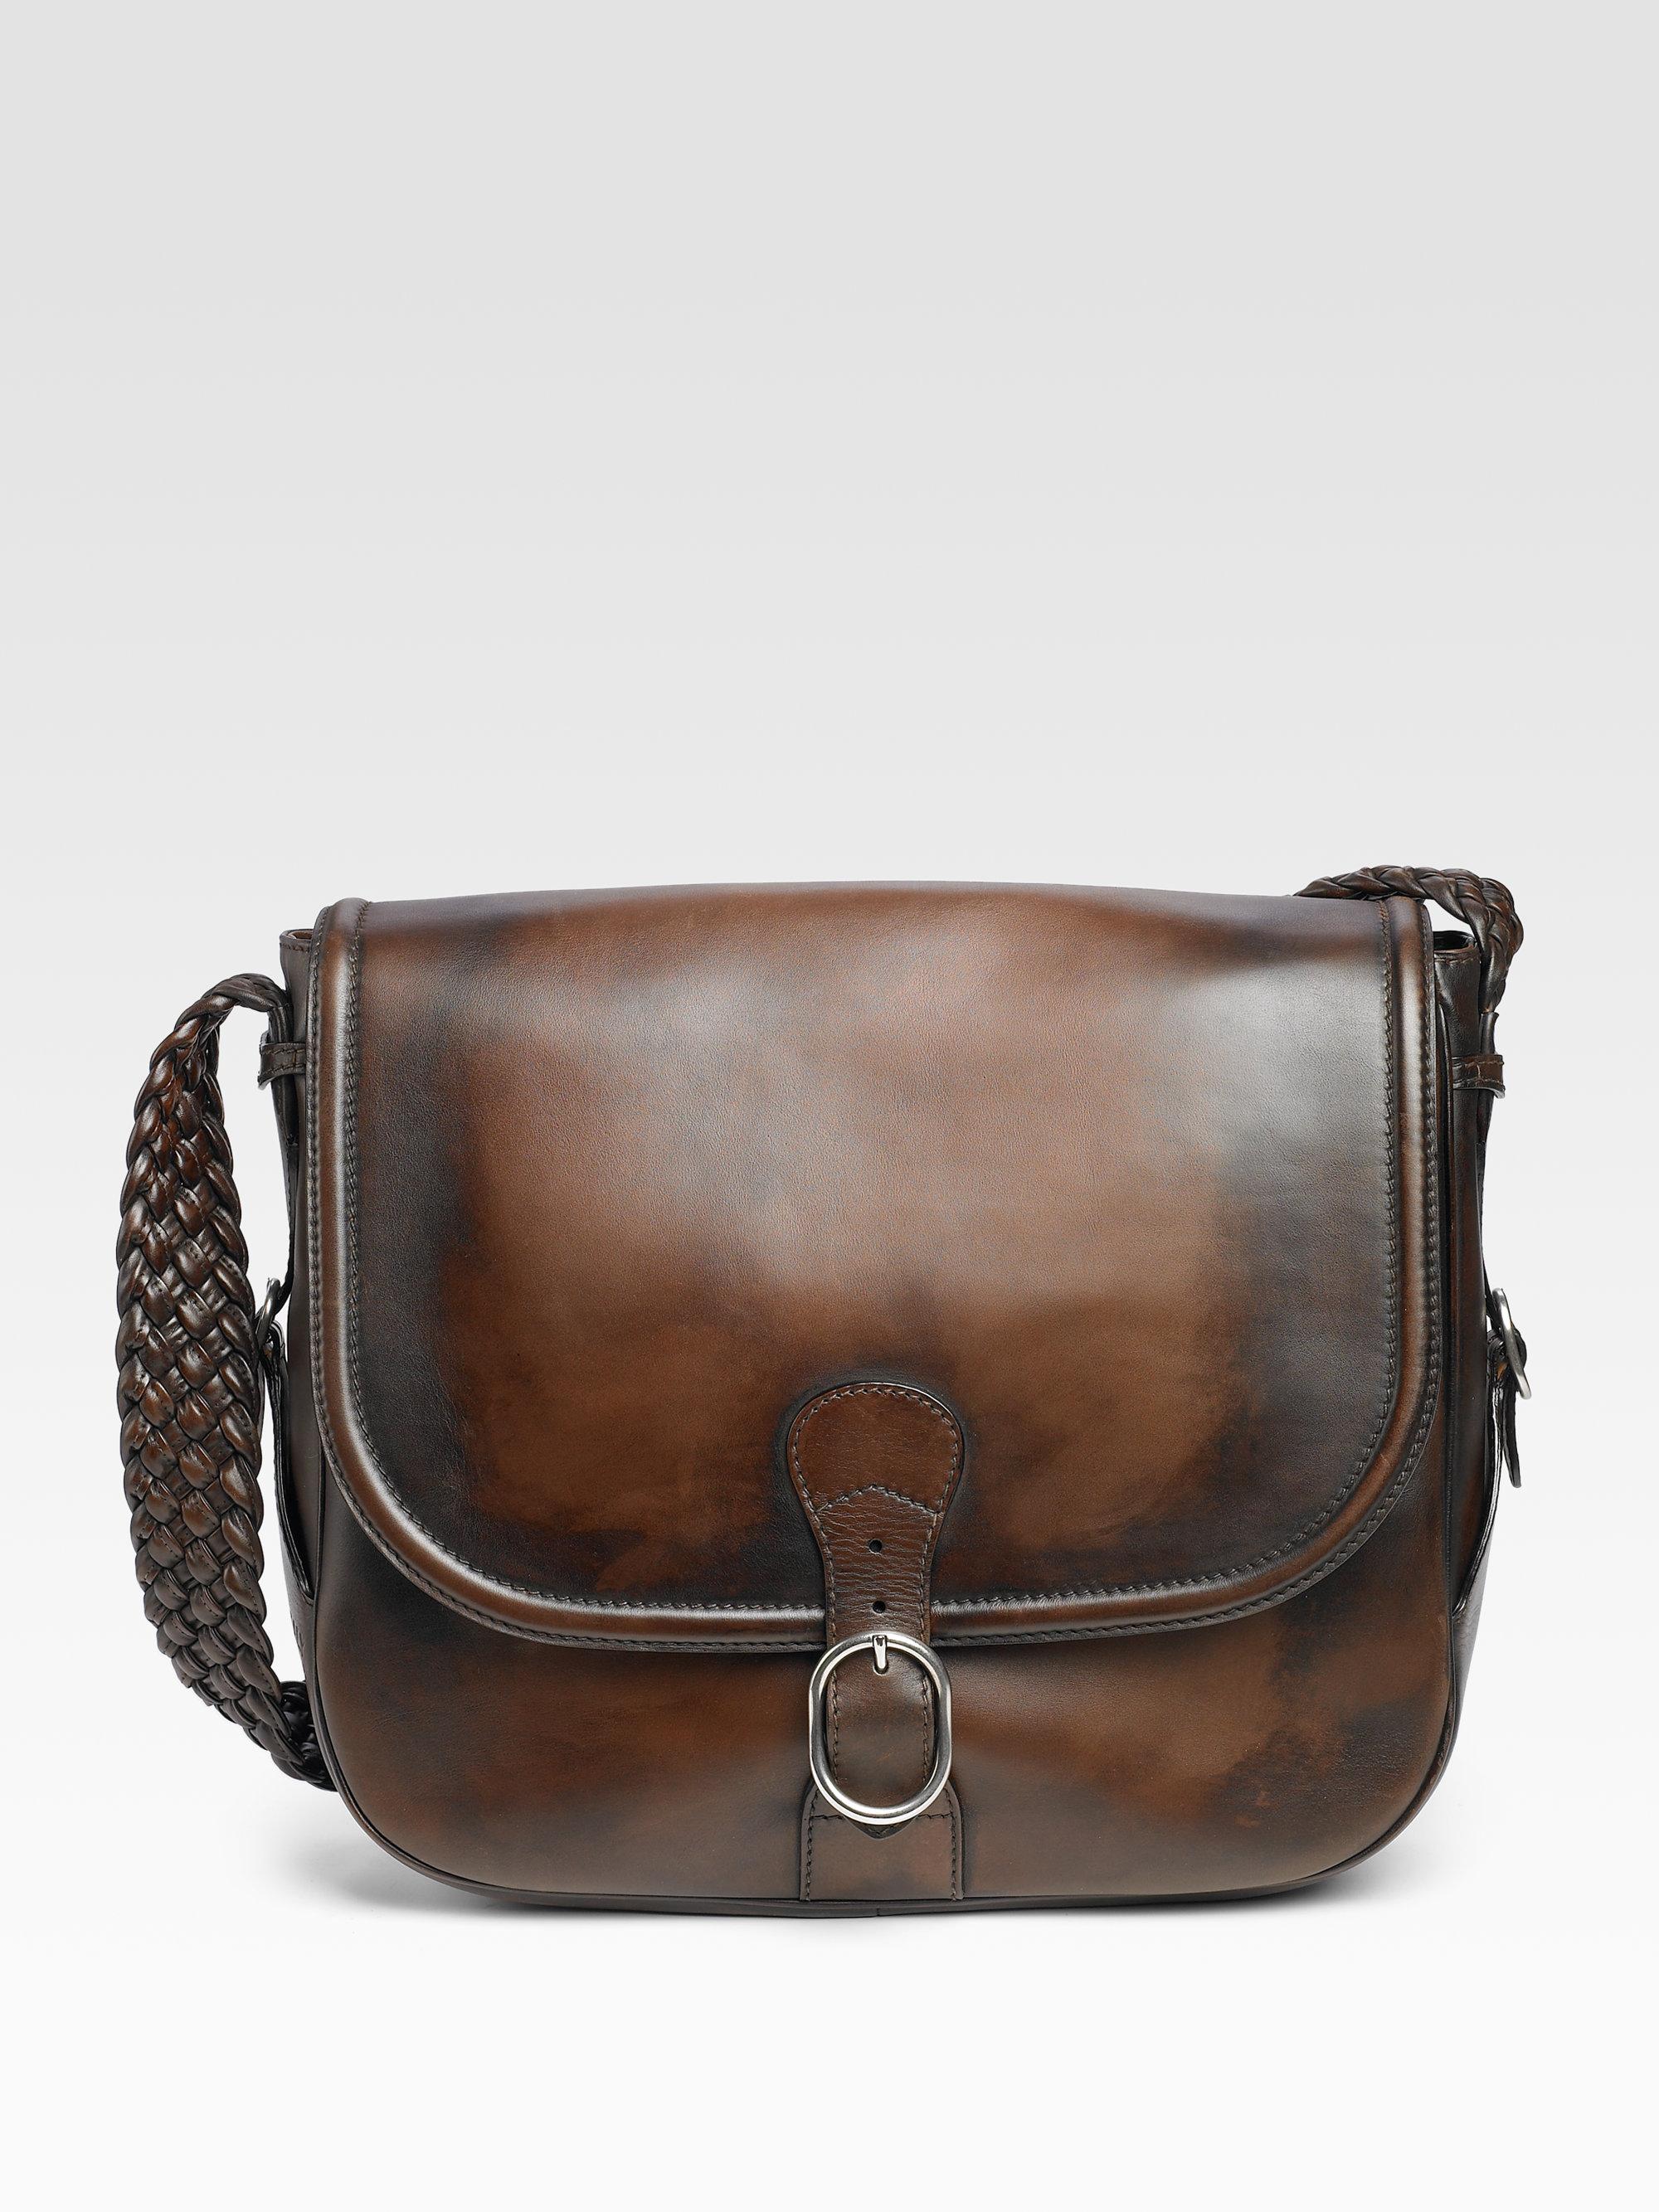 lyst gucci messenger bag in brown for men. Black Bedroom Furniture Sets. Home Design Ideas